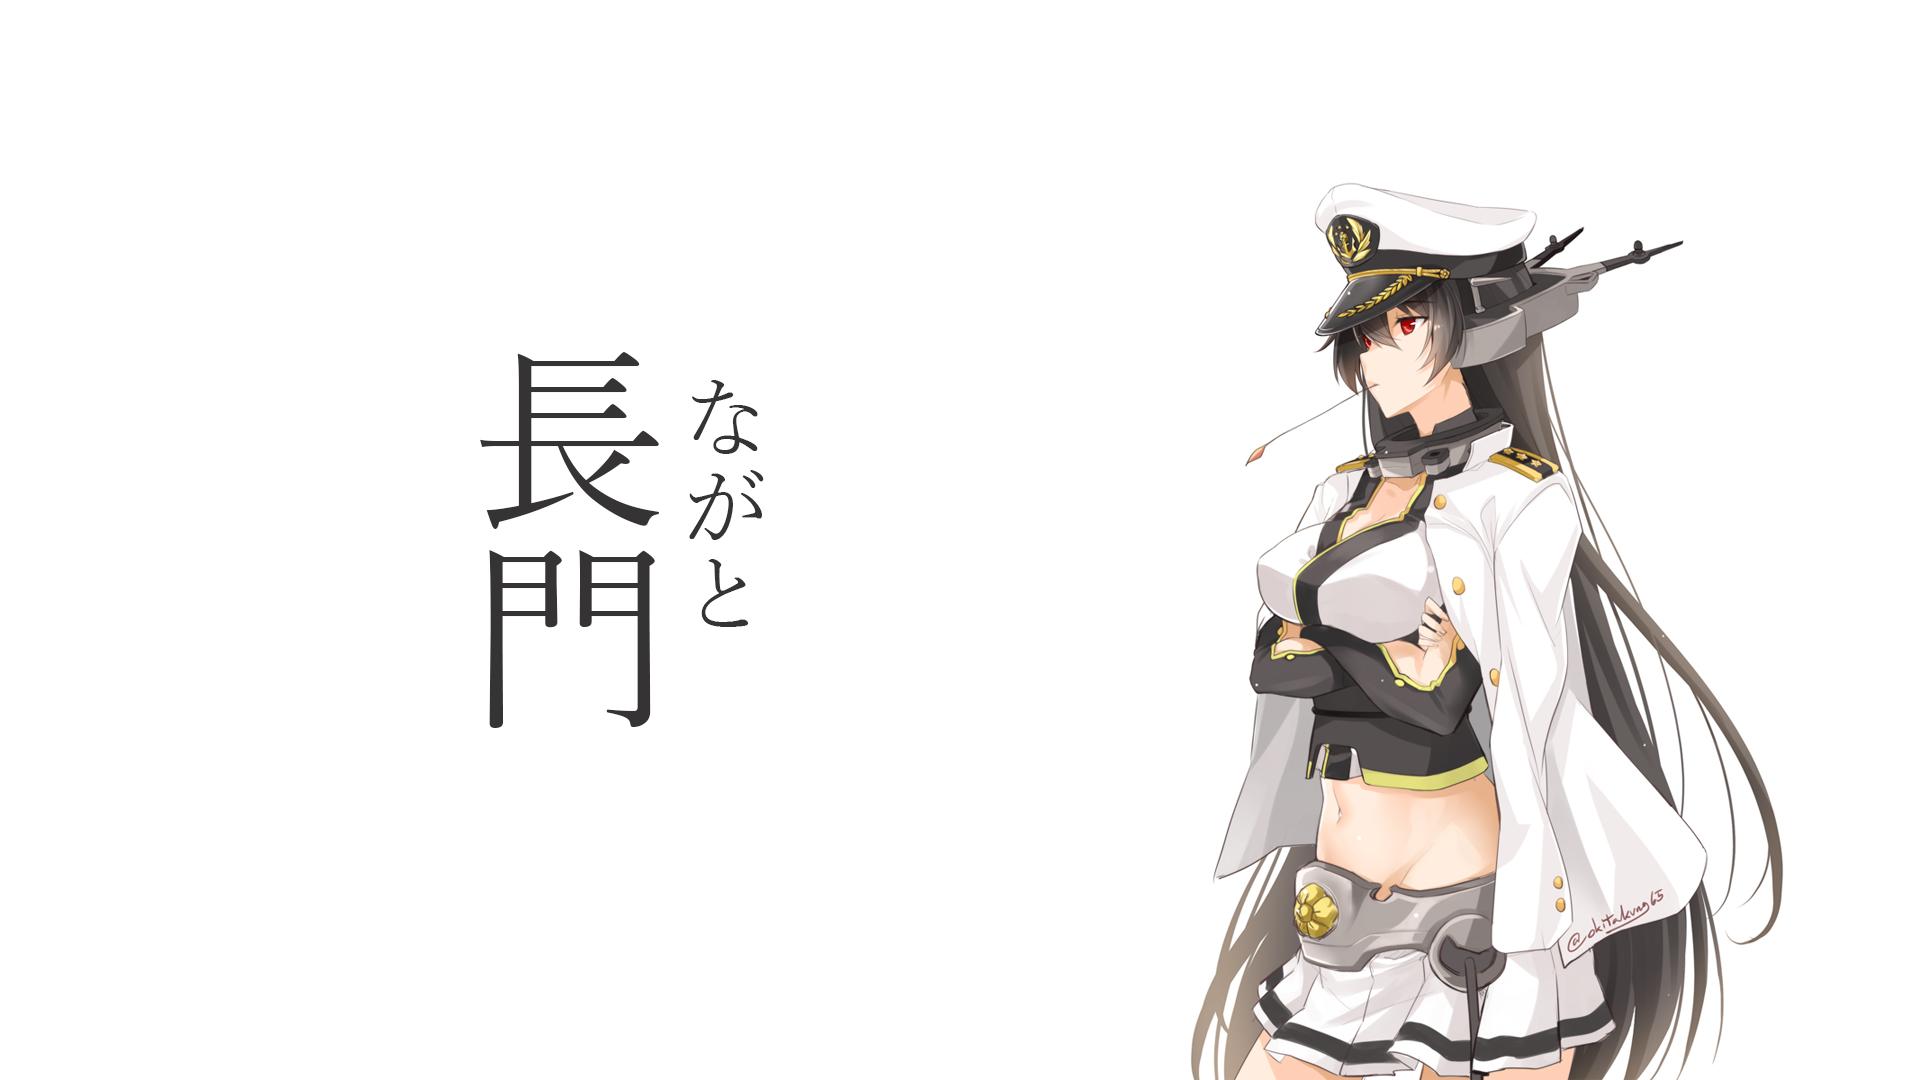 舰队collection 高清壁纸 桌面背景 1920x1080 Id 855228